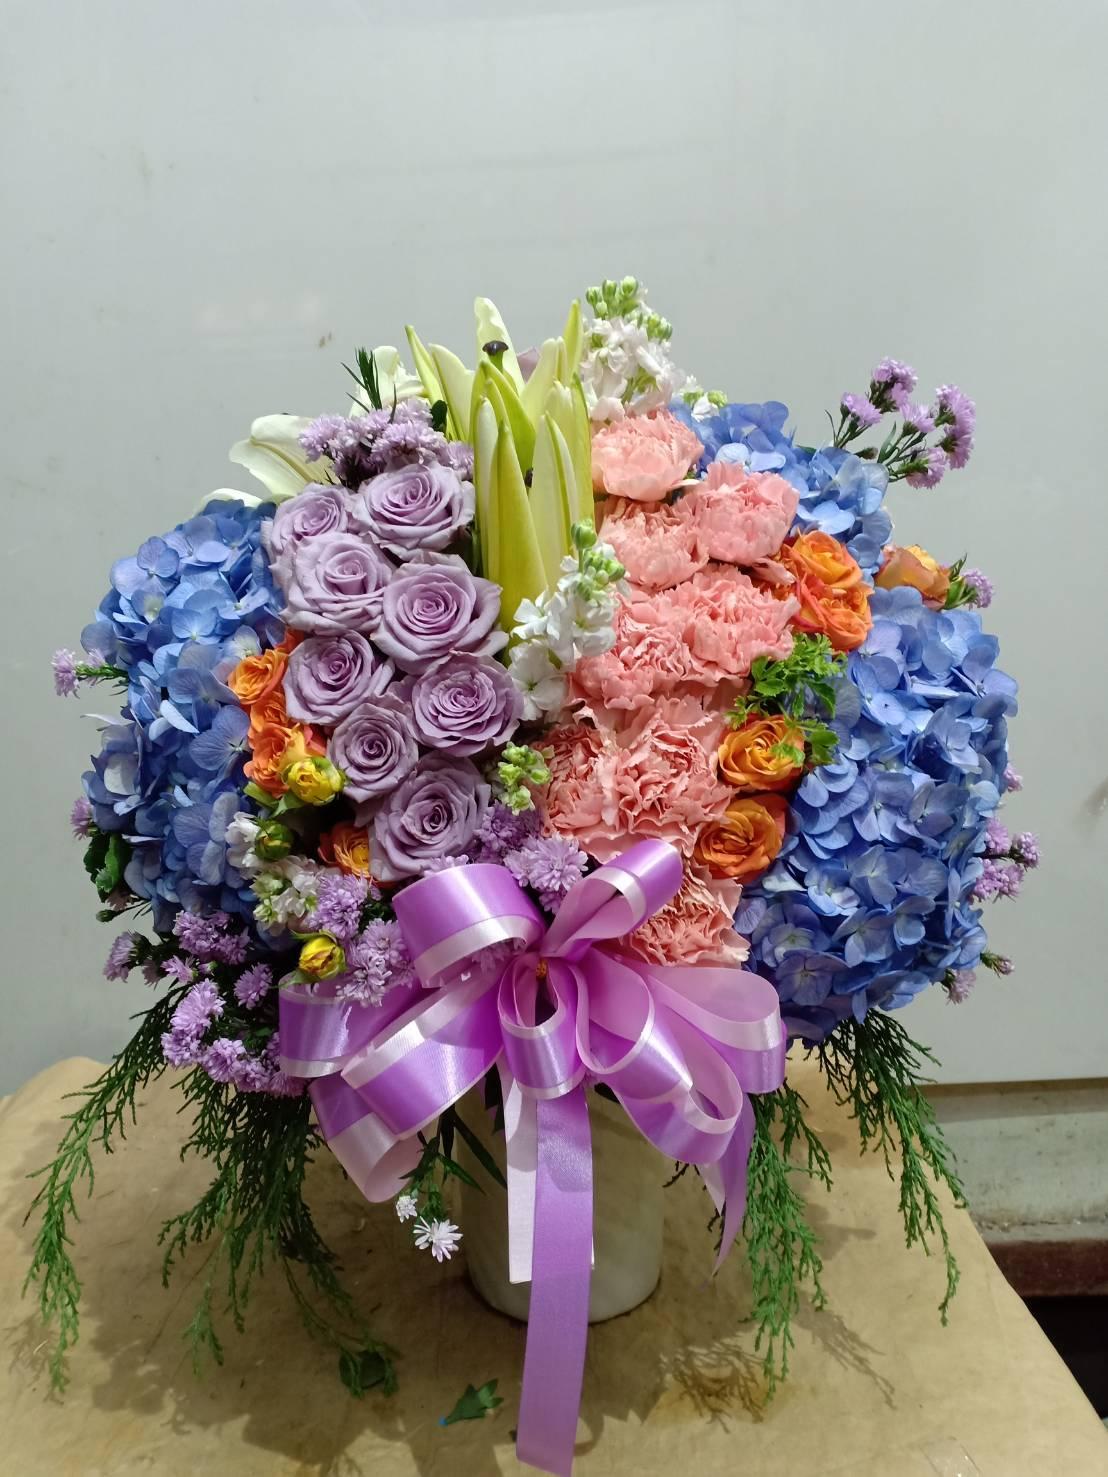 แจกันดอกไม้สดหลากสีสันนานาพันธุ์สดใส สวยงาม สบายตา